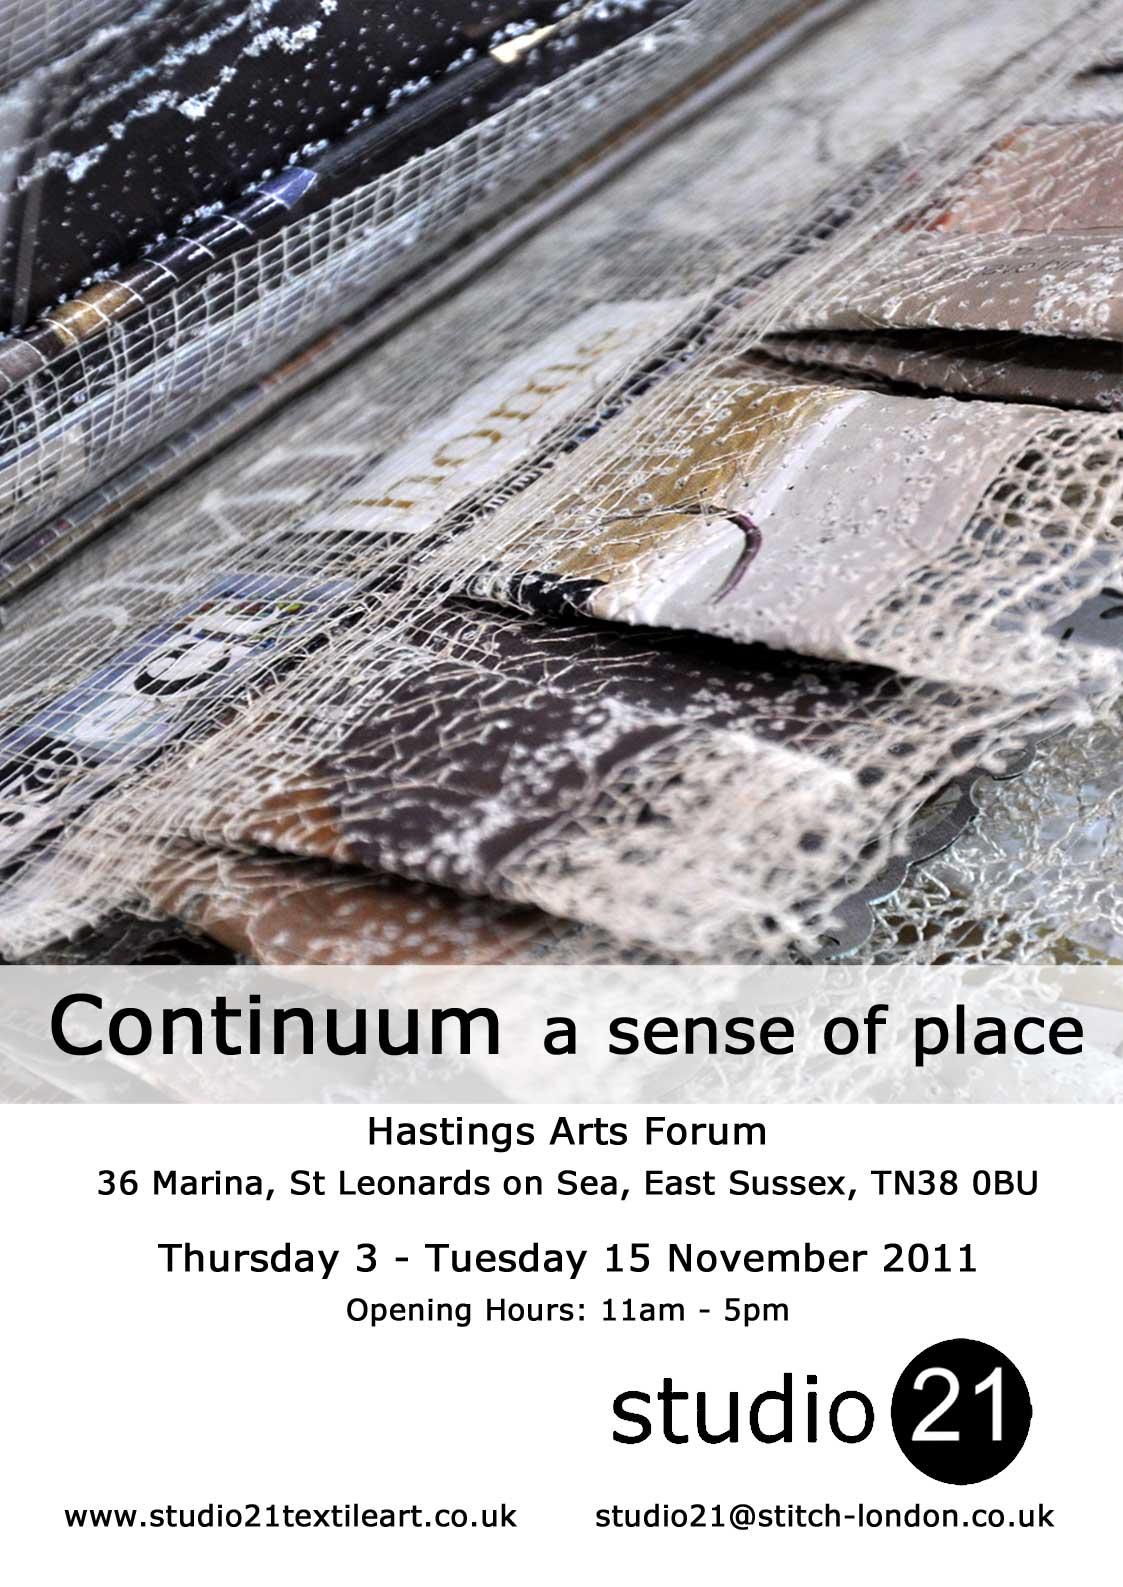 Continuum @ Hastings Art Forum